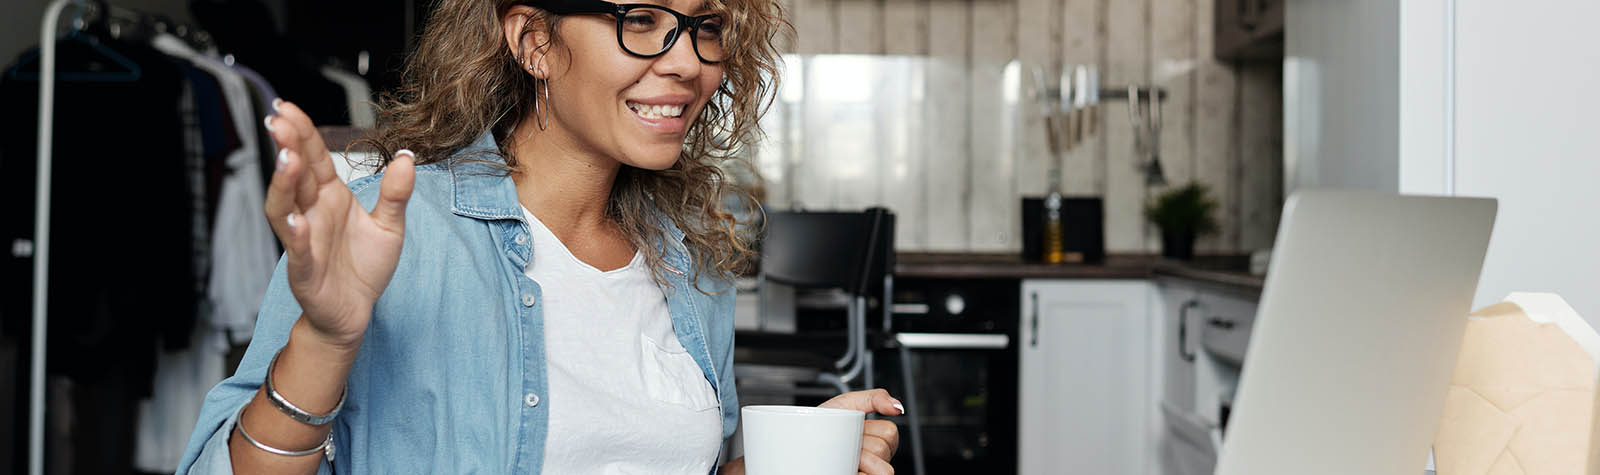 Hoe kun je videovergaderingen veiliger voeren?